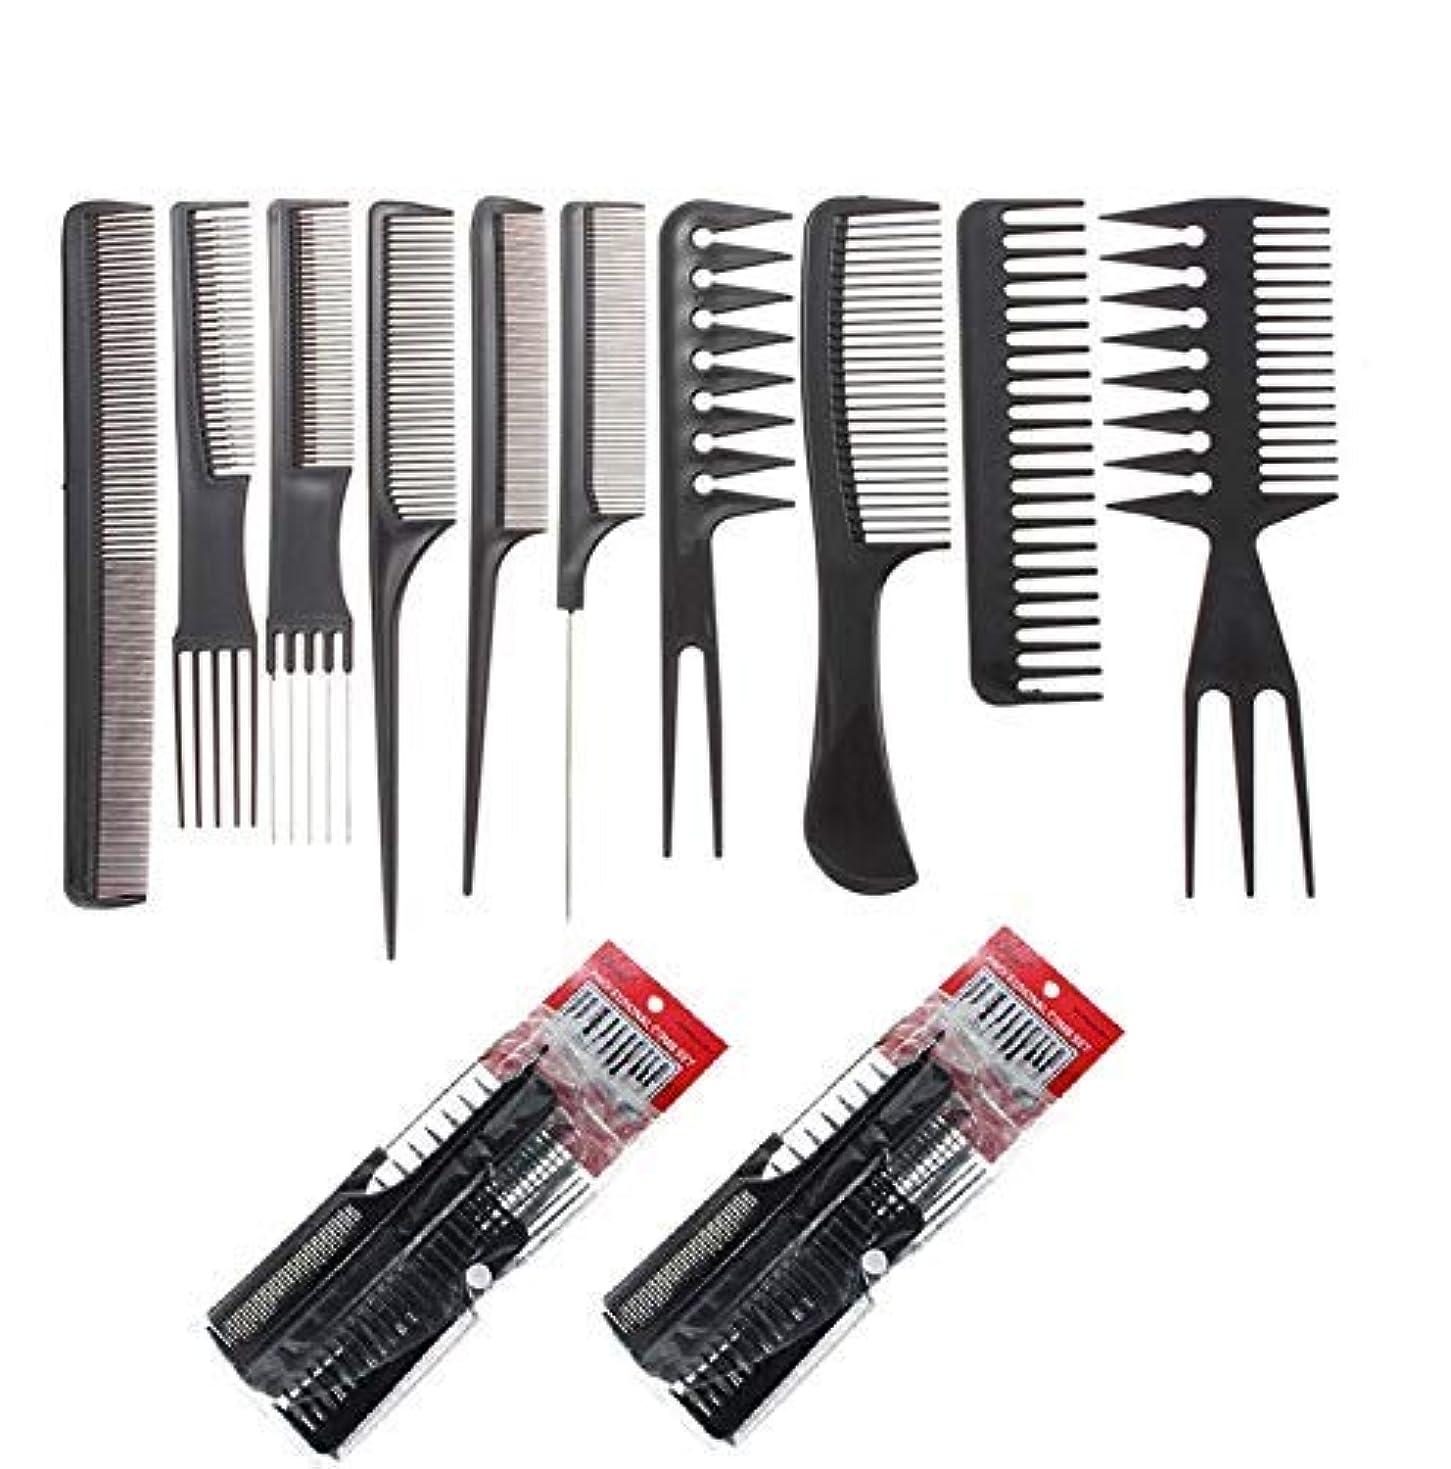 きょうだいレイプドナウ川SBYURE 20pcs Professional Styling Comb Set,10pcs/Set,2 Set Salon Hairdressing Combs Hair Care Styling Tools Hair...